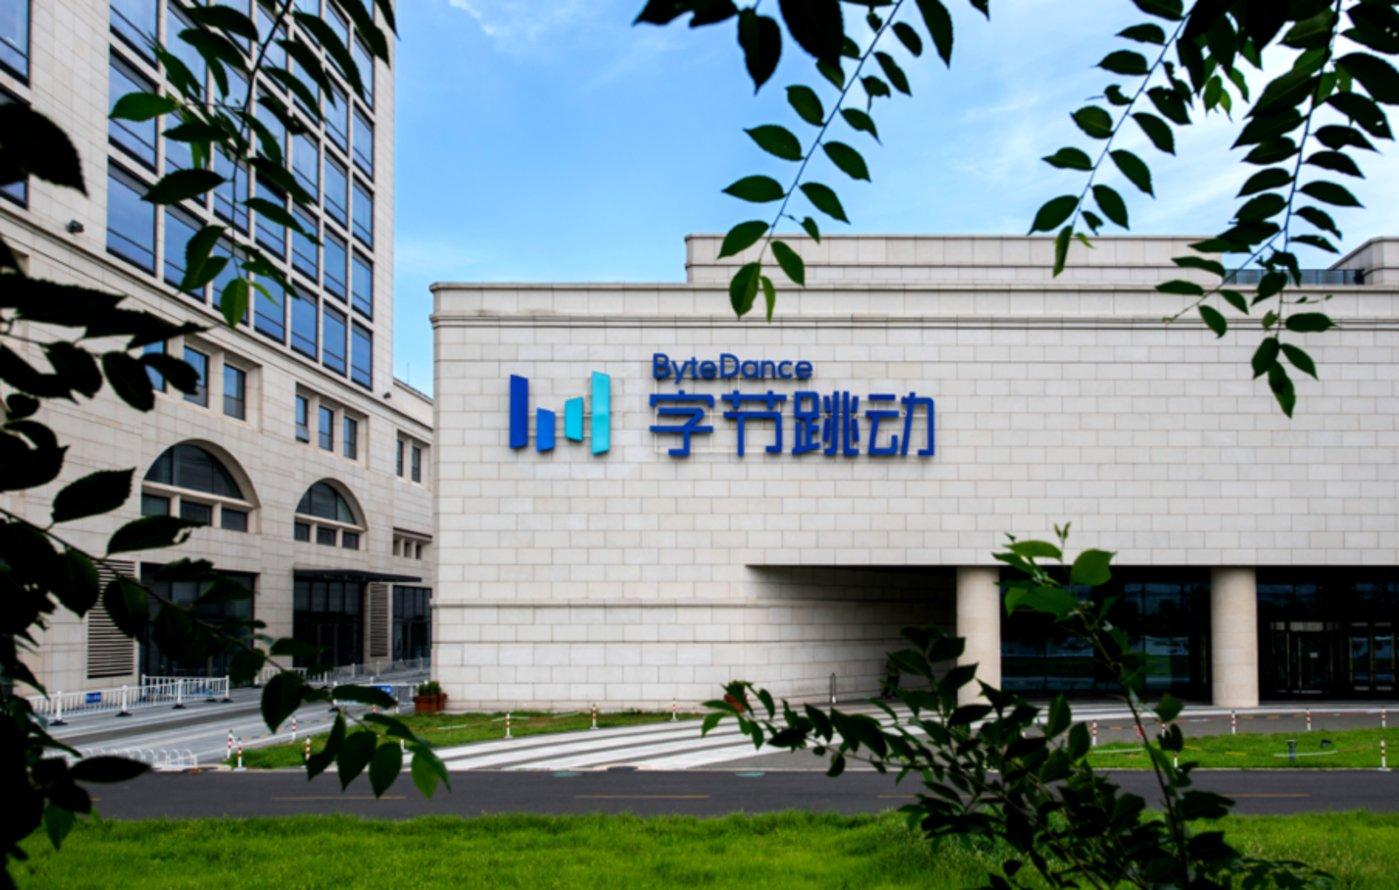 字节跳动宣布组织升级 张利东、张楠任中国区董事长、CEO